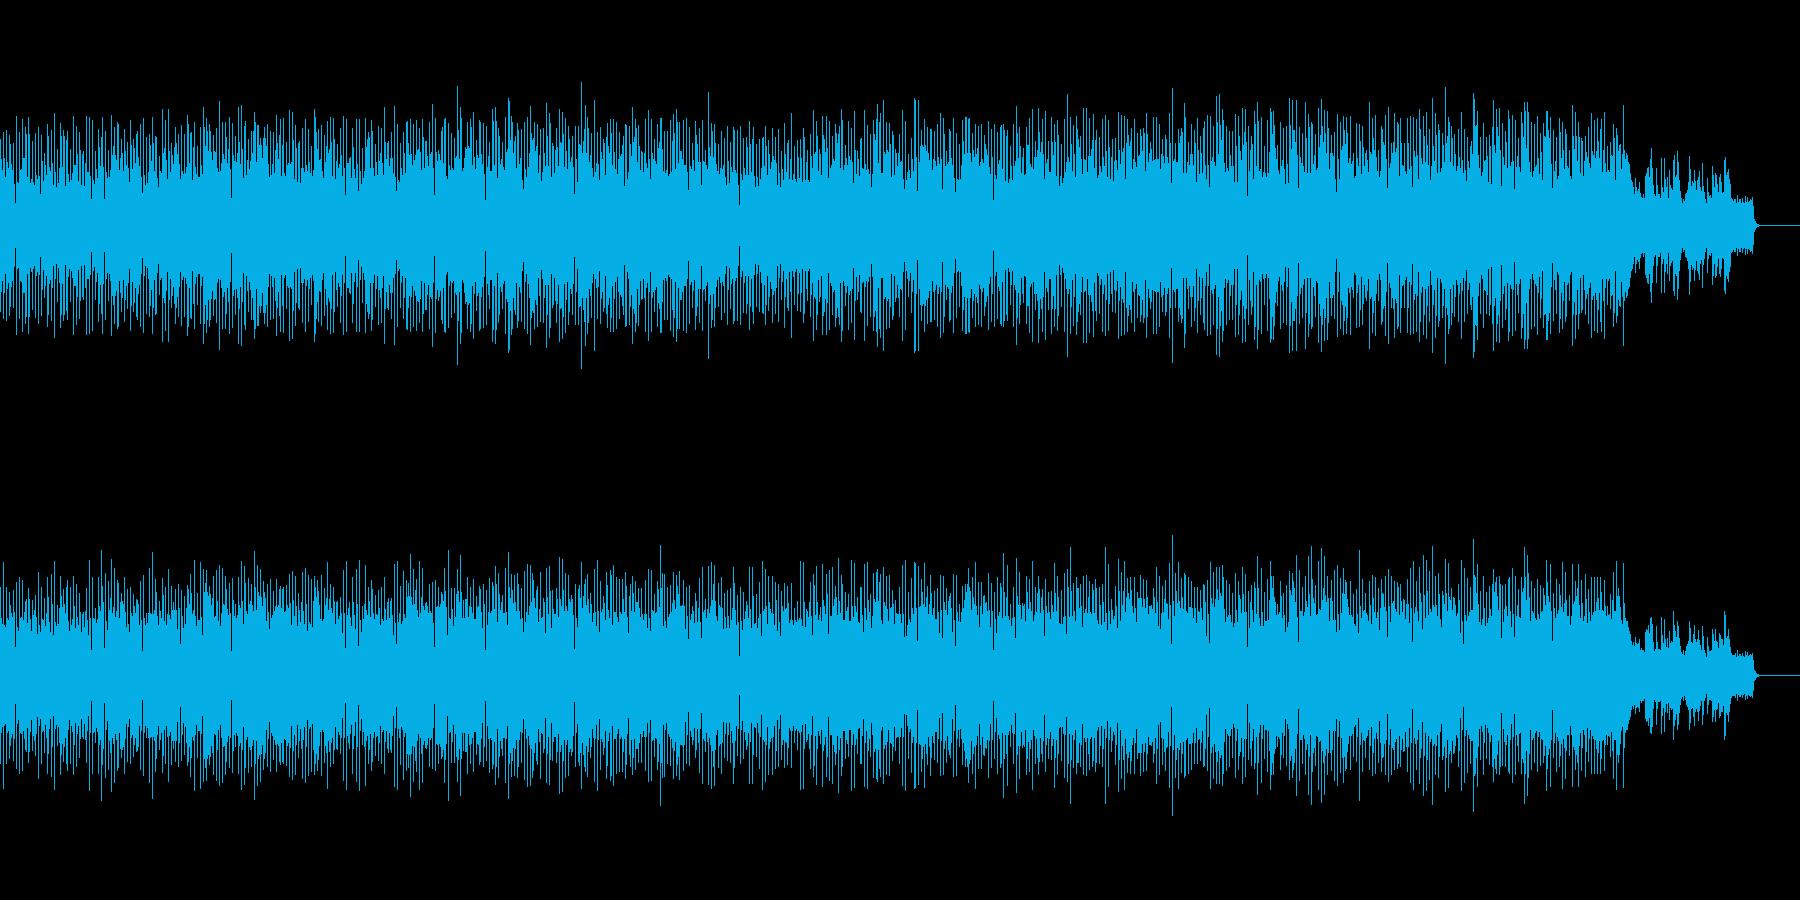 明るくてなめらかなメロディーの再生済みの波形